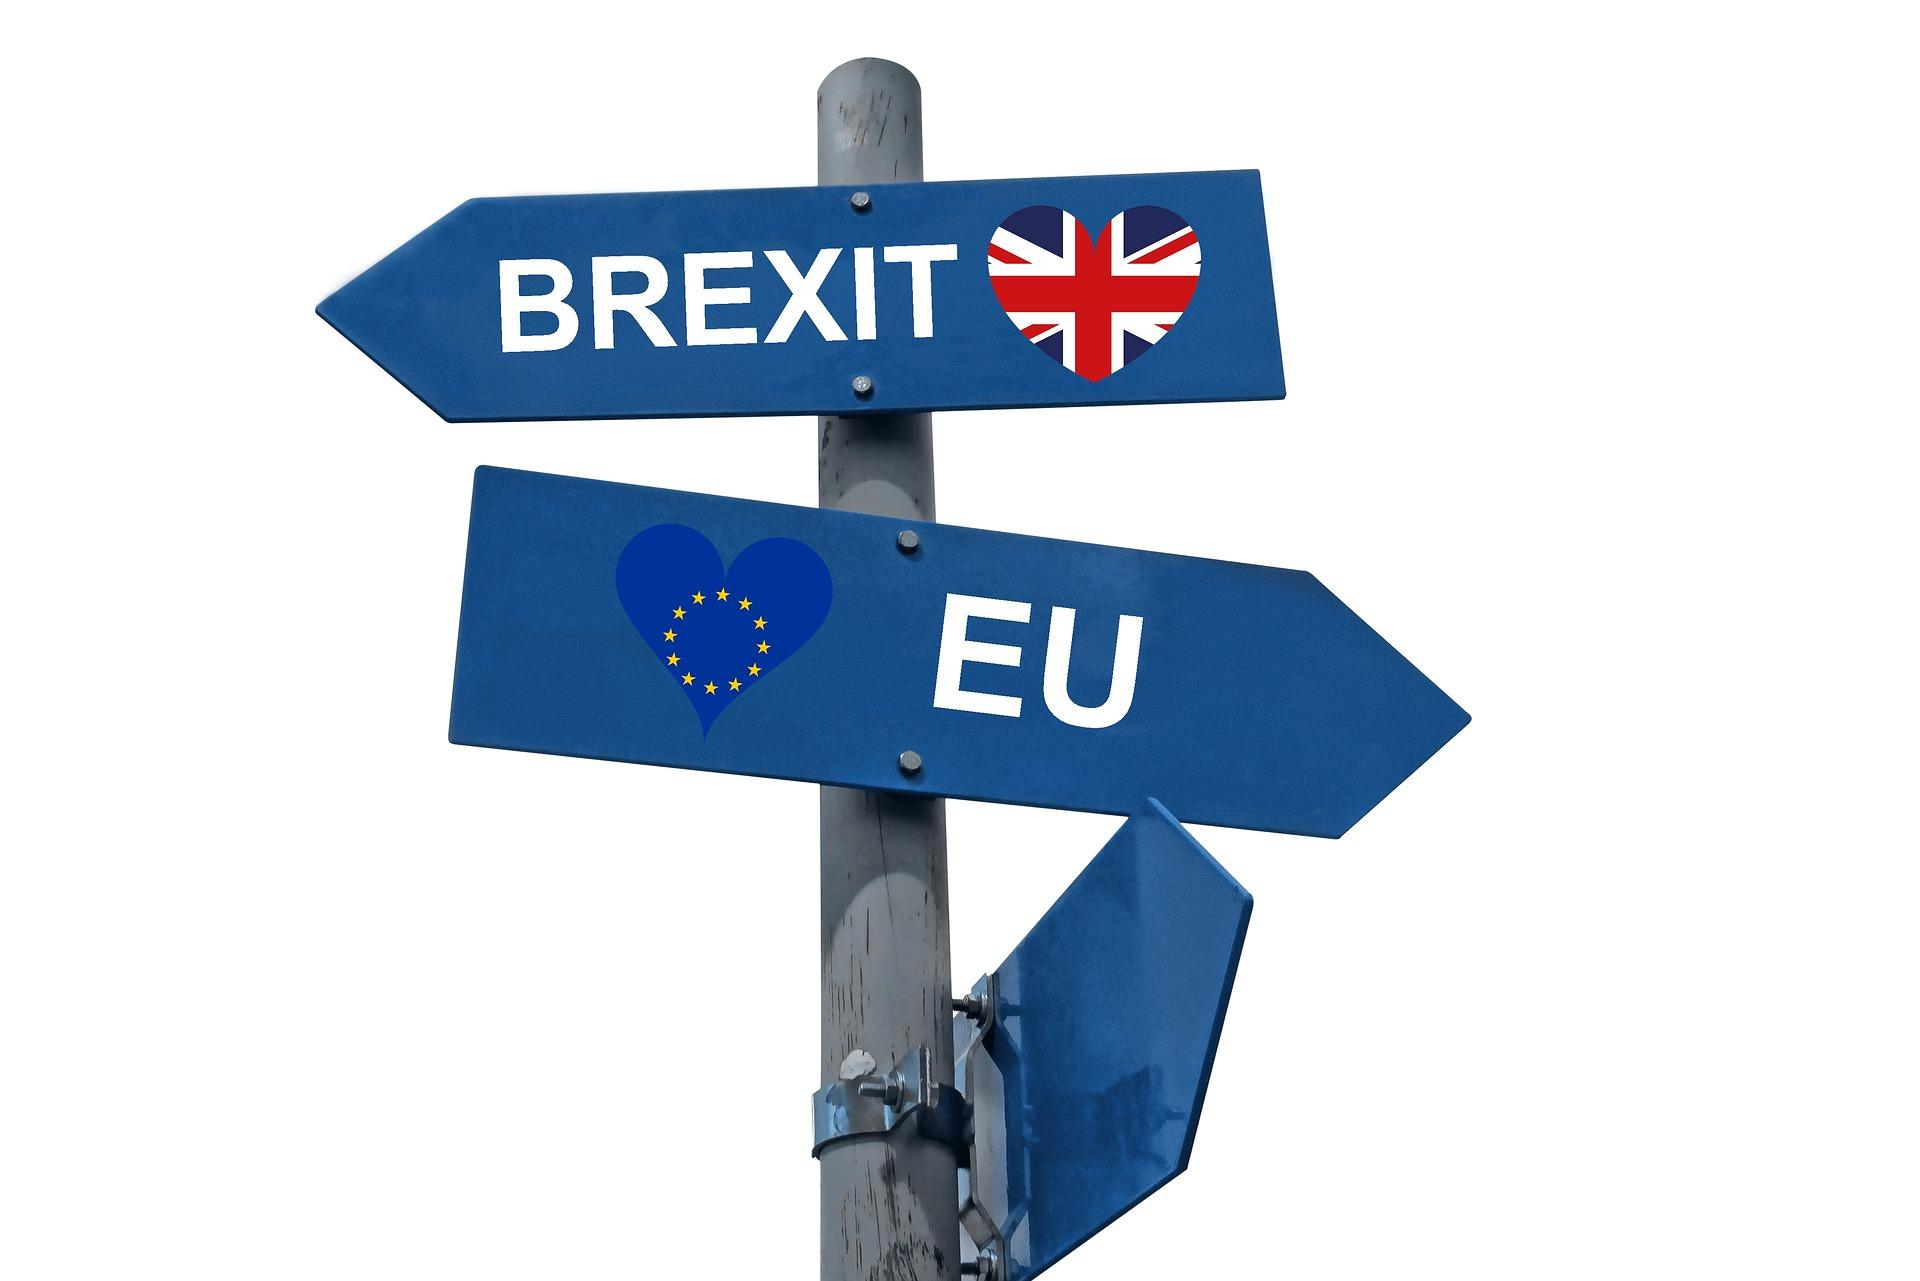 Brexit 3575383 1920